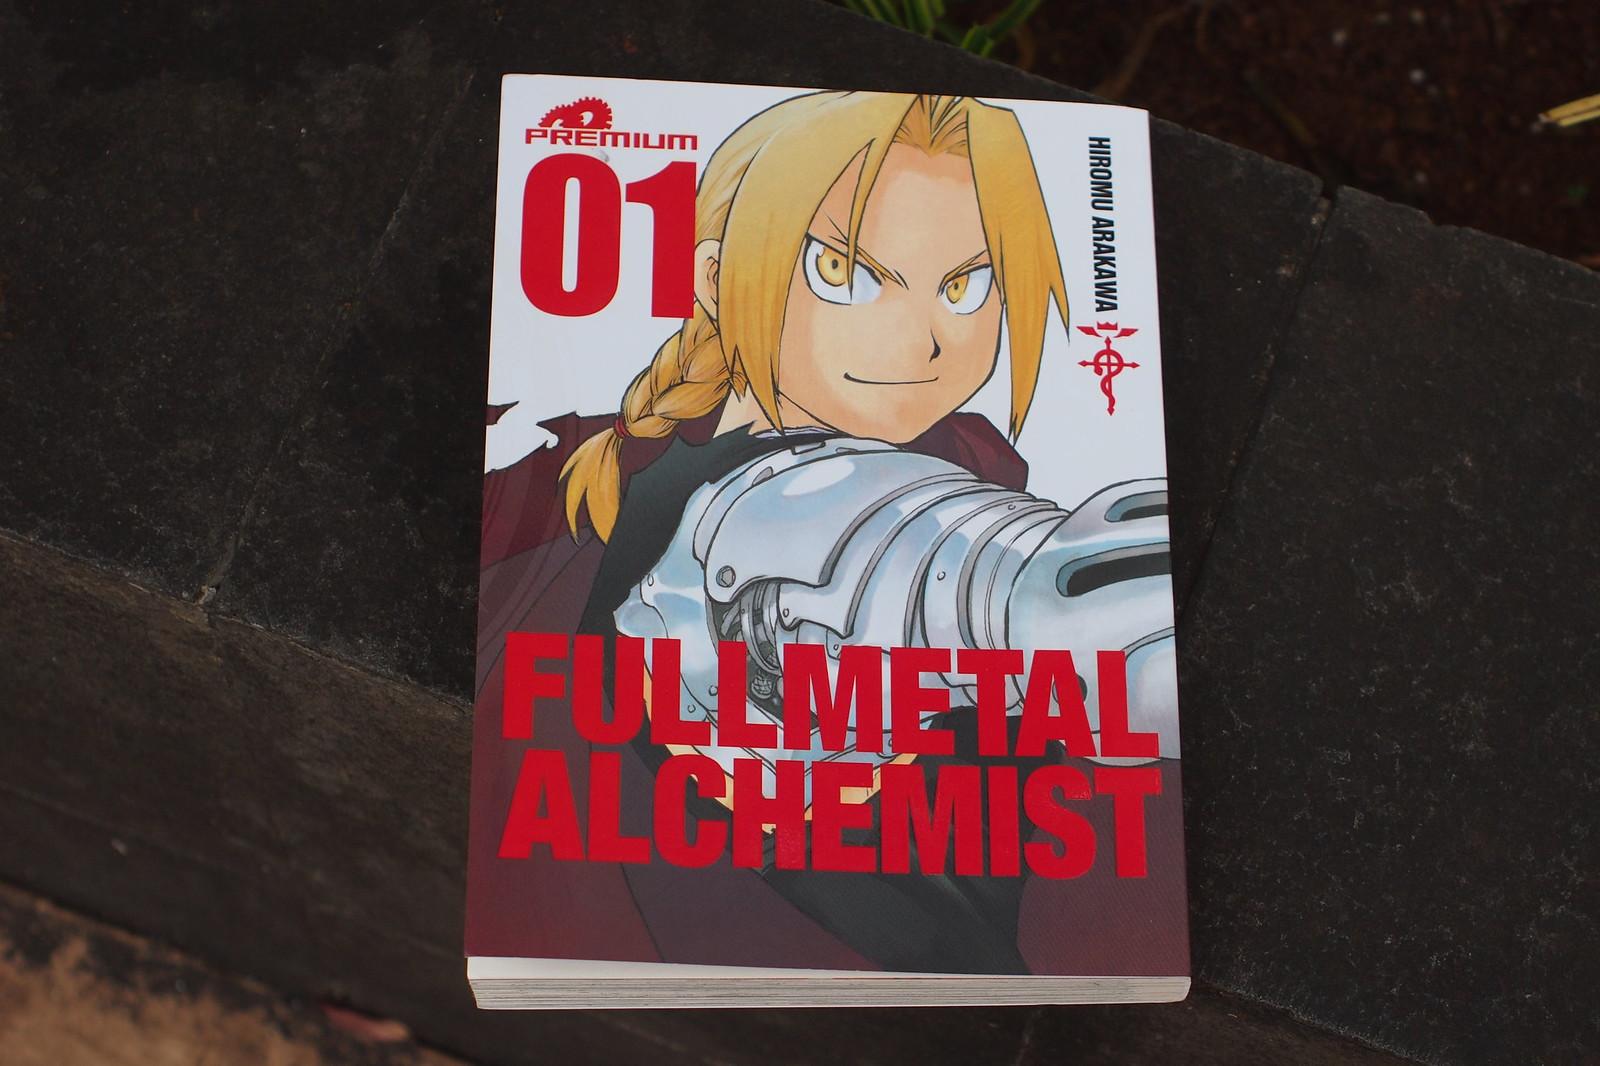 Full Metal Alchemist Premium Vol.1